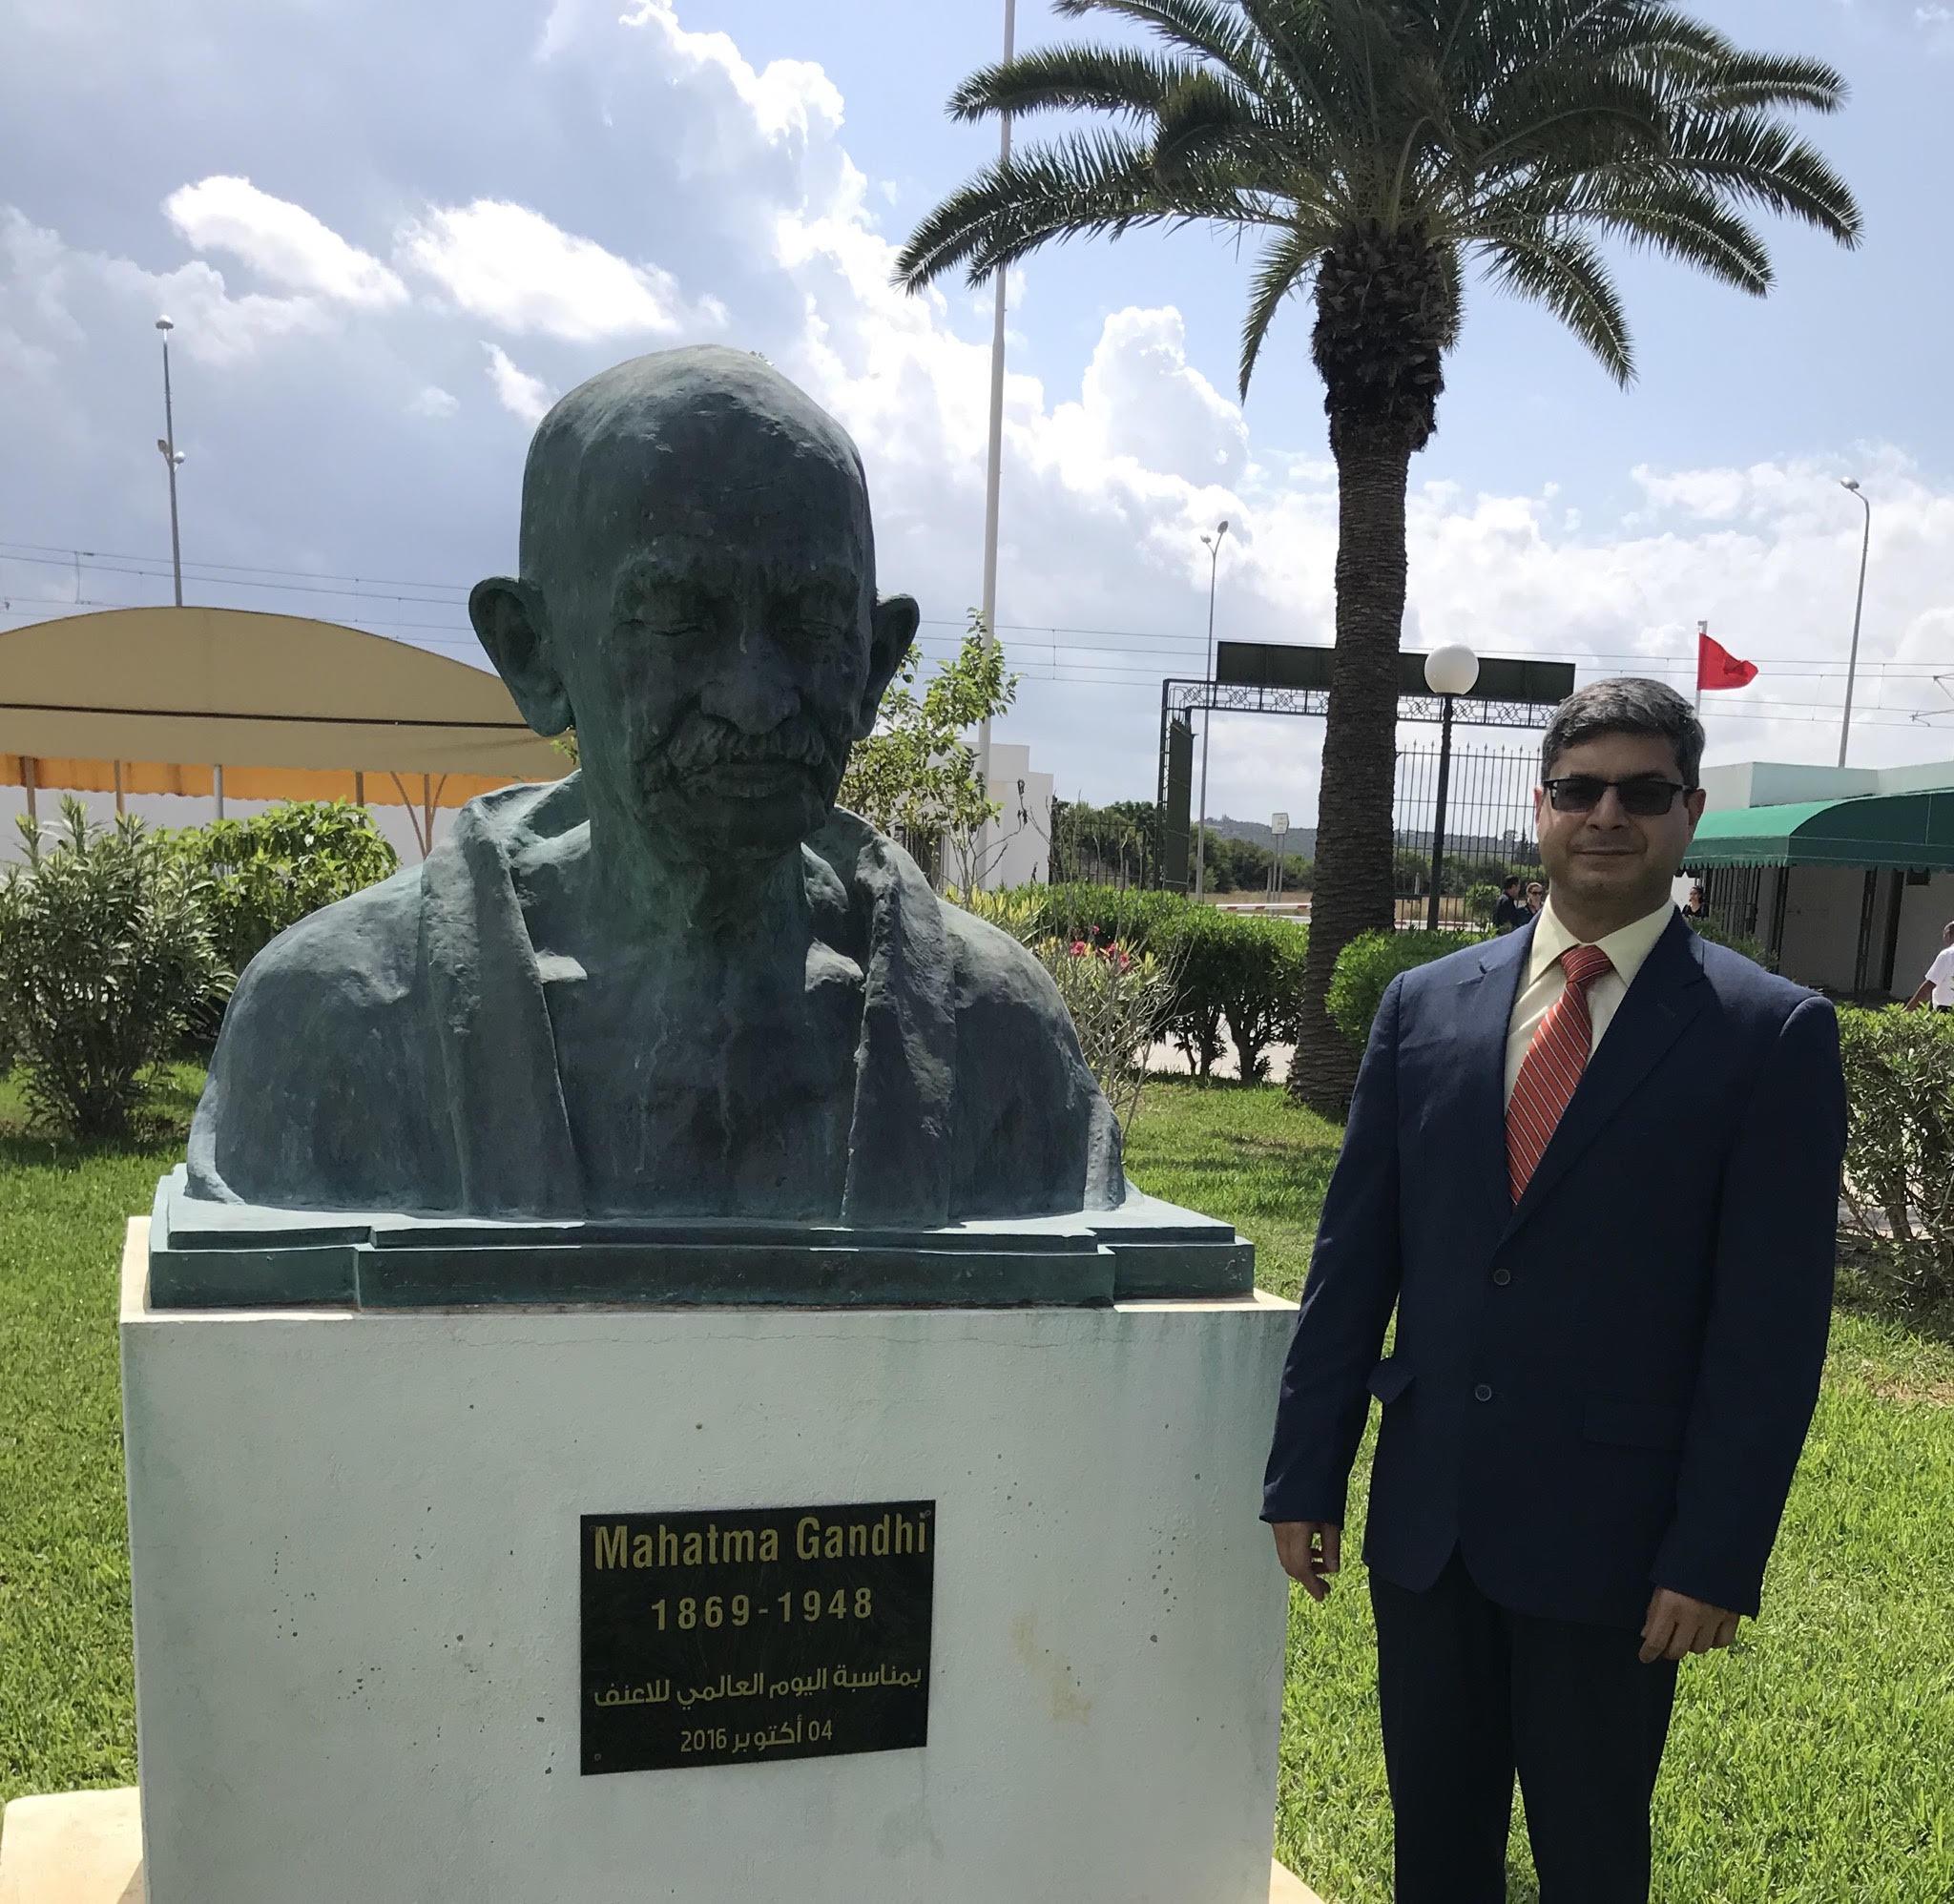 """بمناسبة الذكرى 150 لميلاد المهانما غاندي:سفير الهند بتونس السيد """"بونيت كوندال""""يكتب مقالا يستكشف فيه الجوانب المختلفة """"لغاندي"""":"""